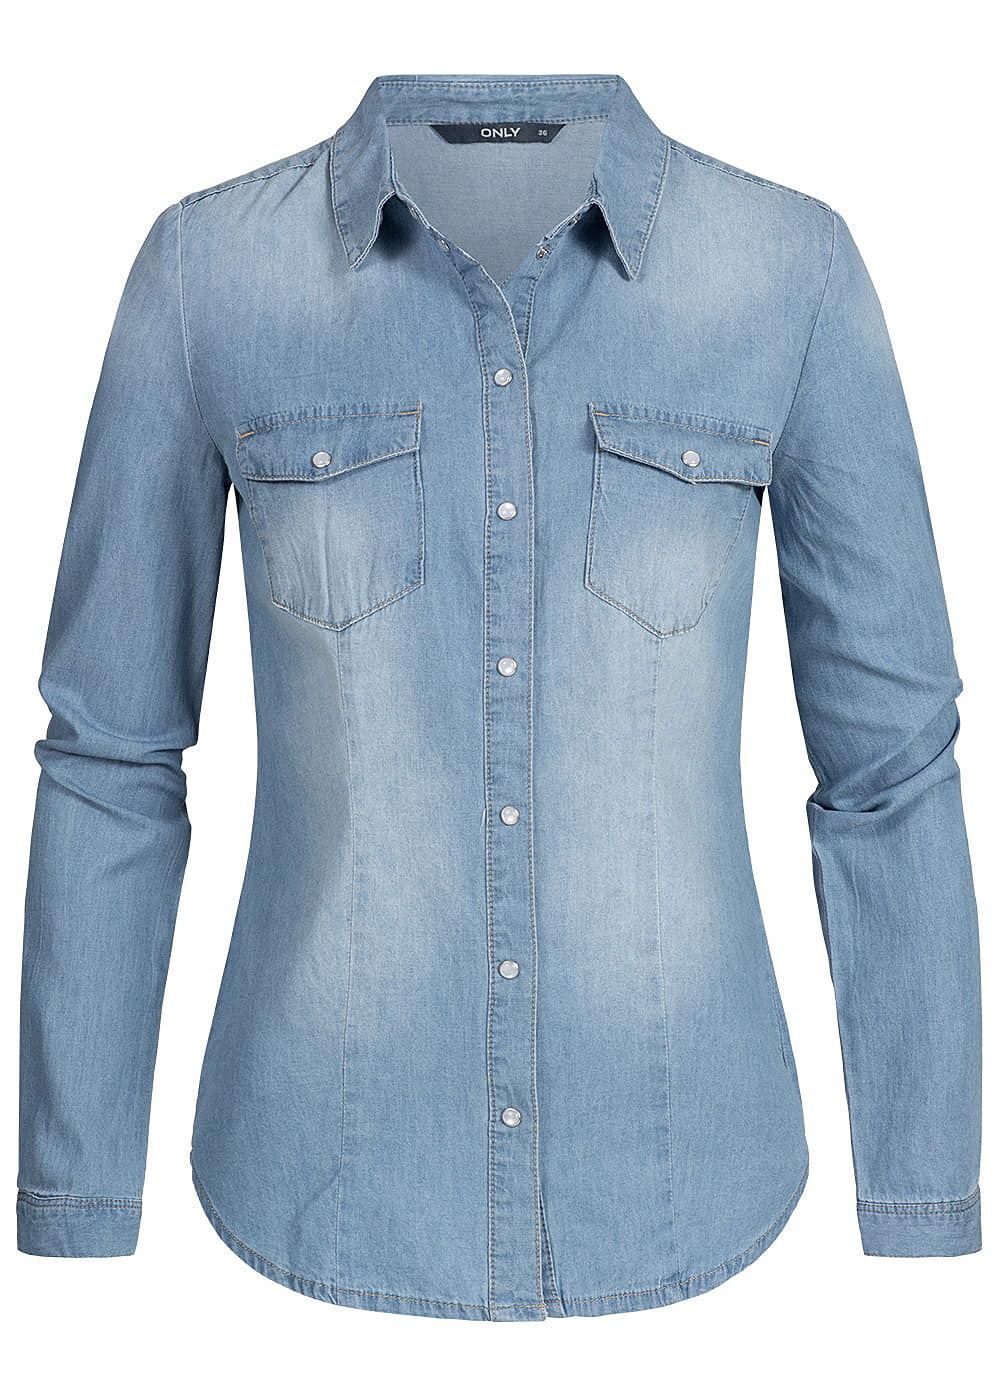 ONLY Damen Jeans Hemd 2 Brusttaschen NOOS hell blau denim - 77onlineshop 5bf6a4bdaa